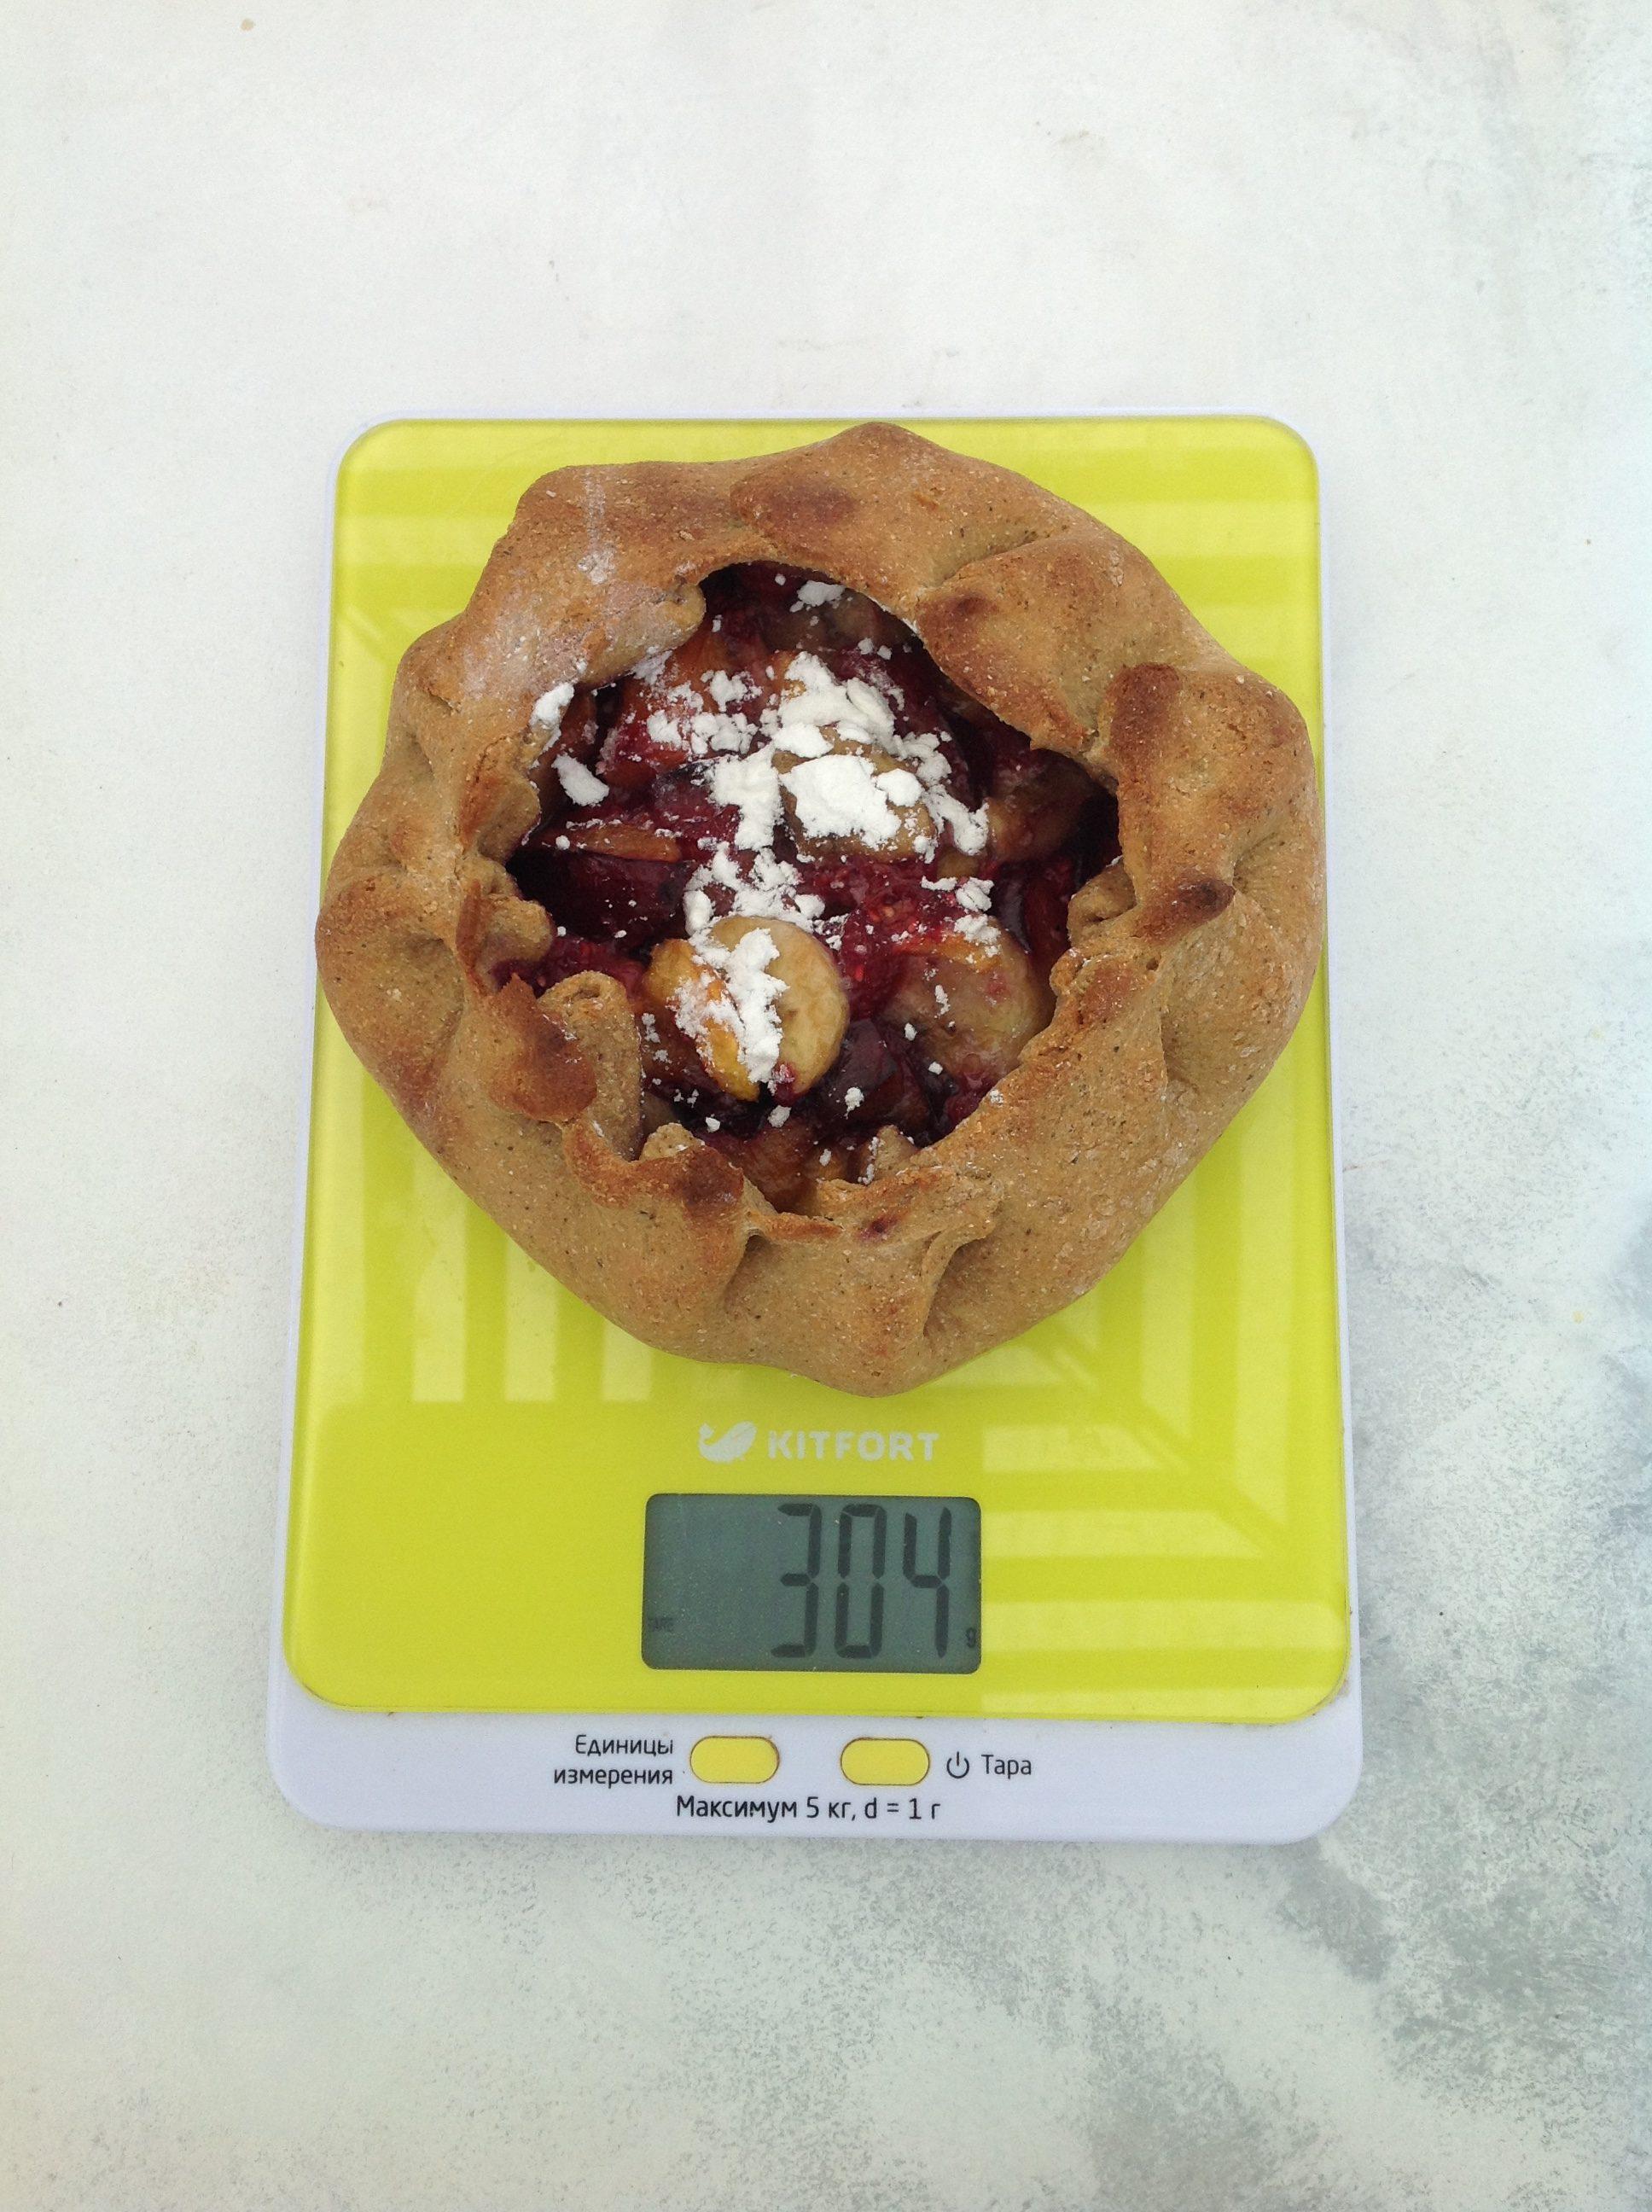 вес ягодного галета